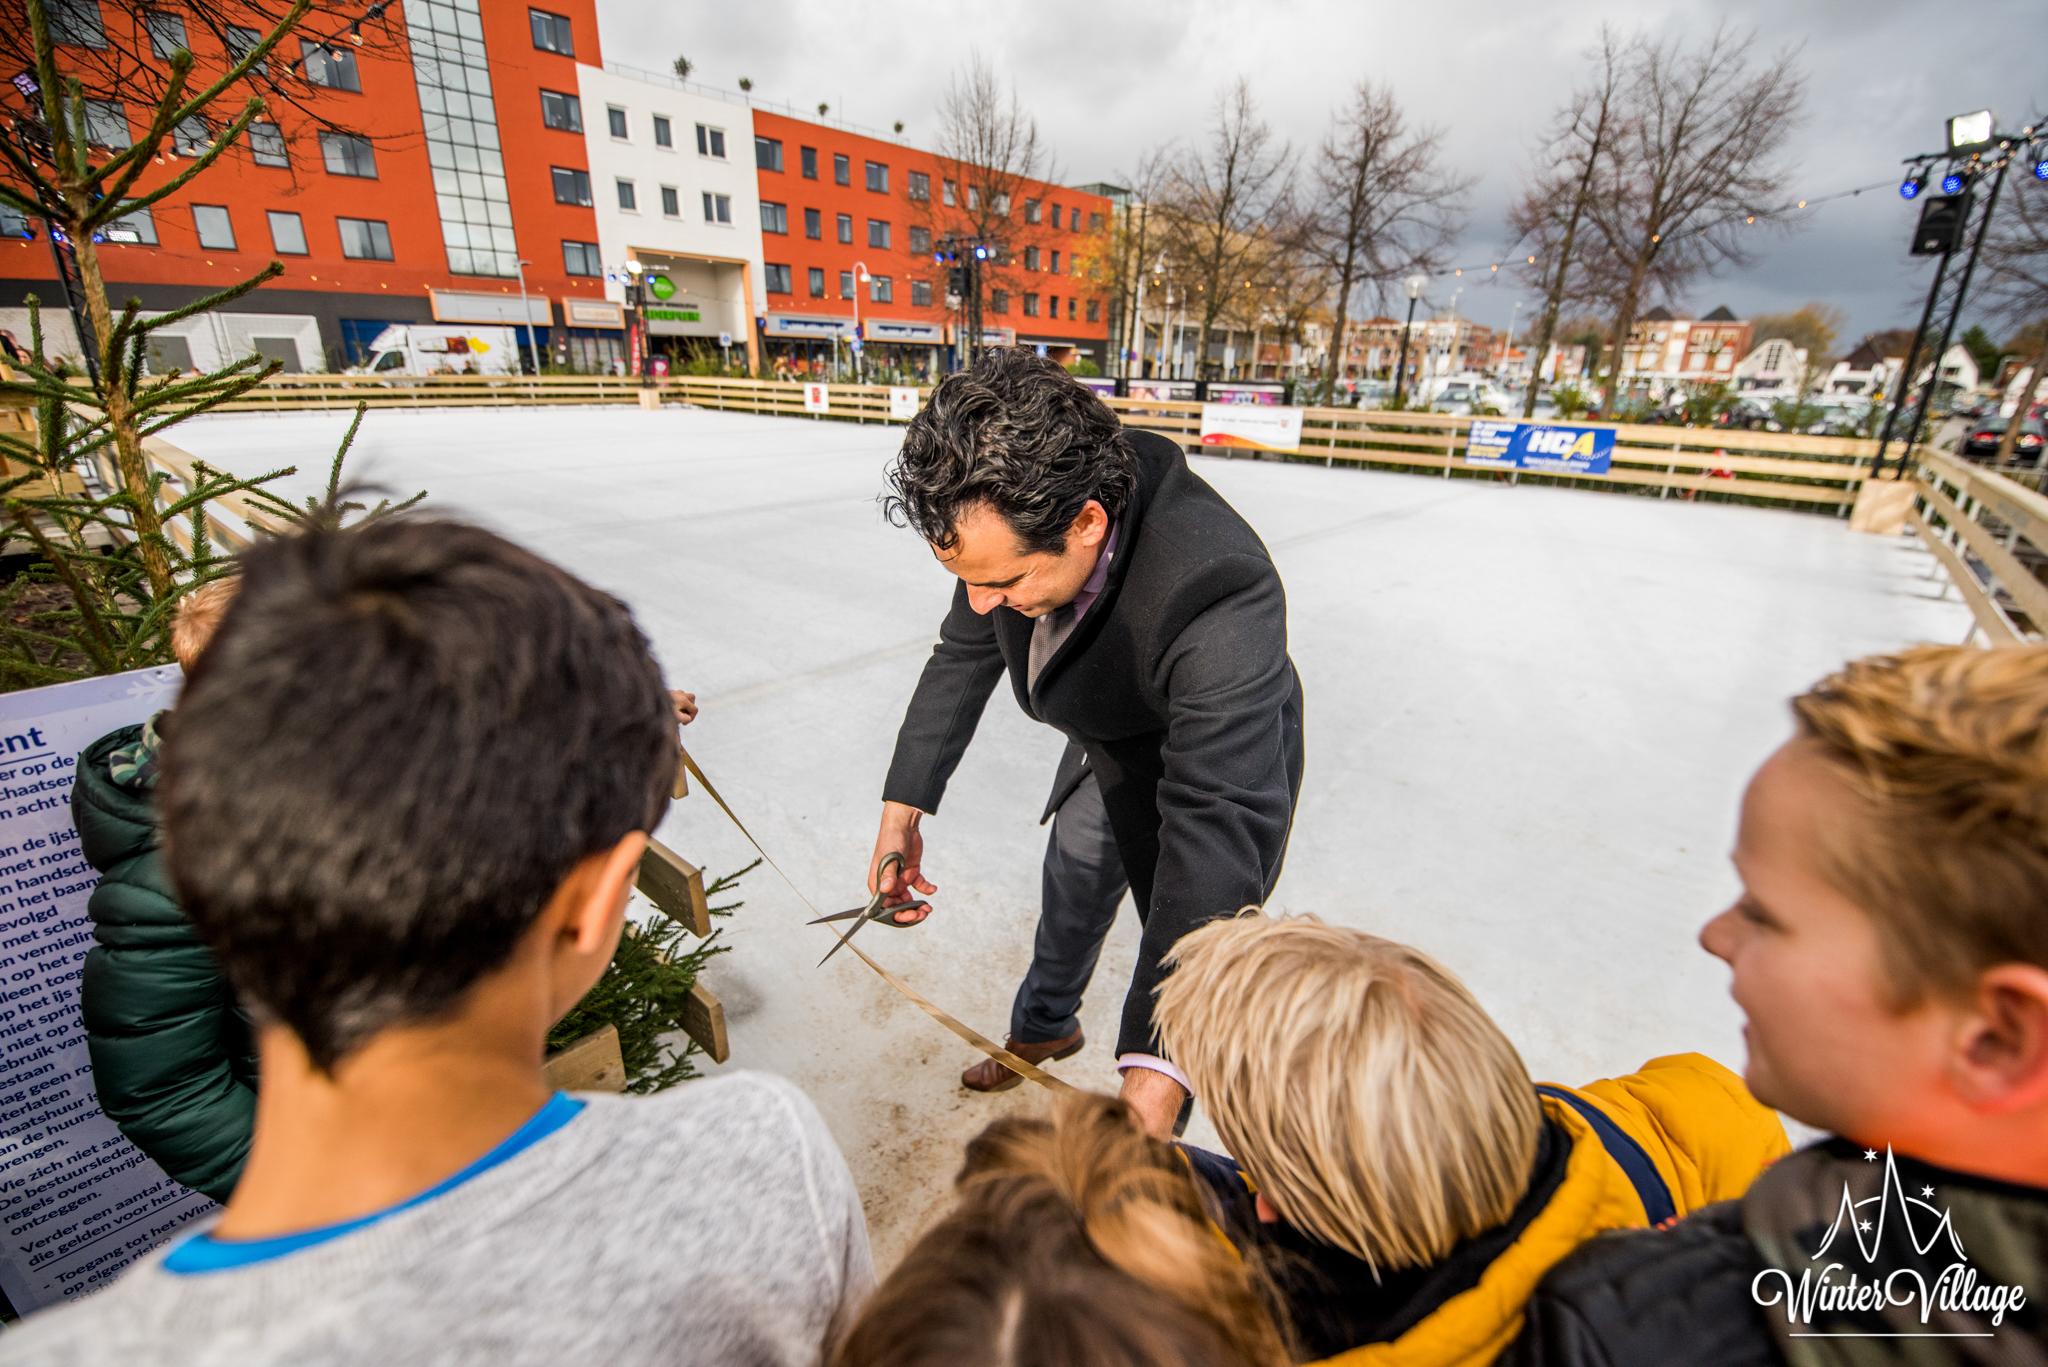 Winter Village Hoofddorp openingsceremonie met de wethouder